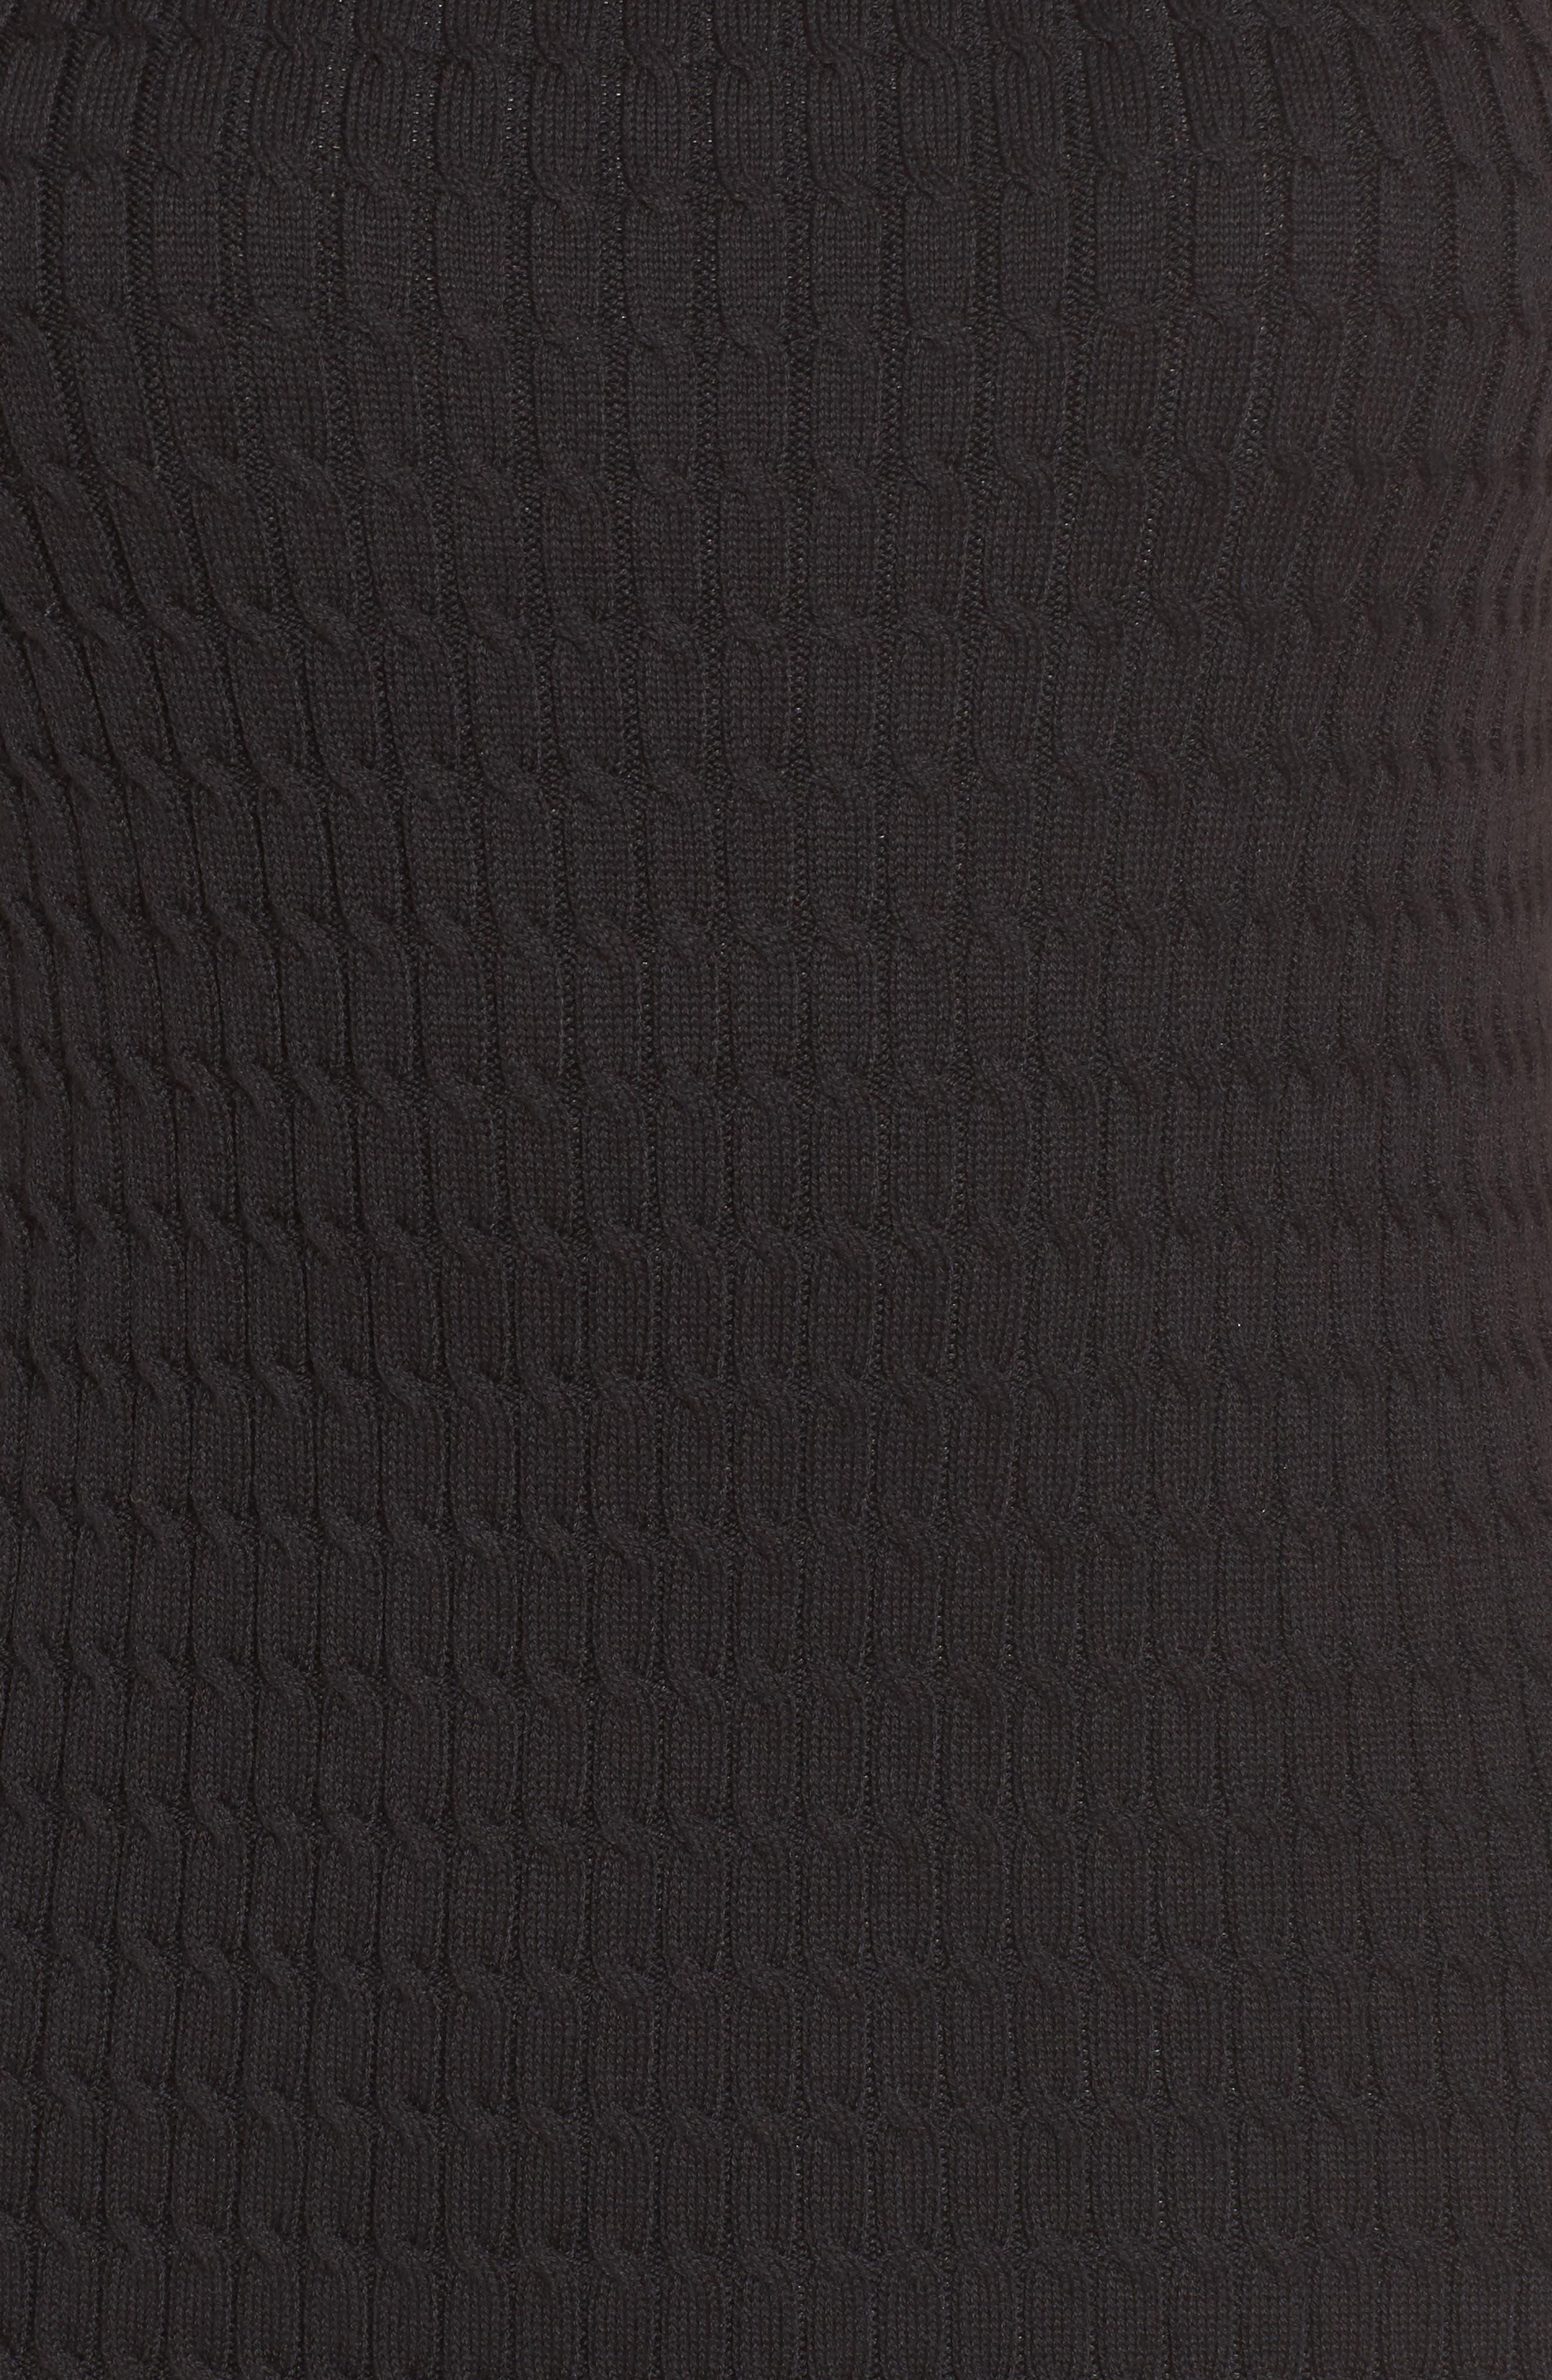 Alternate Image 5  - Tommy Bahama Sleeveless Turtleneck Dress